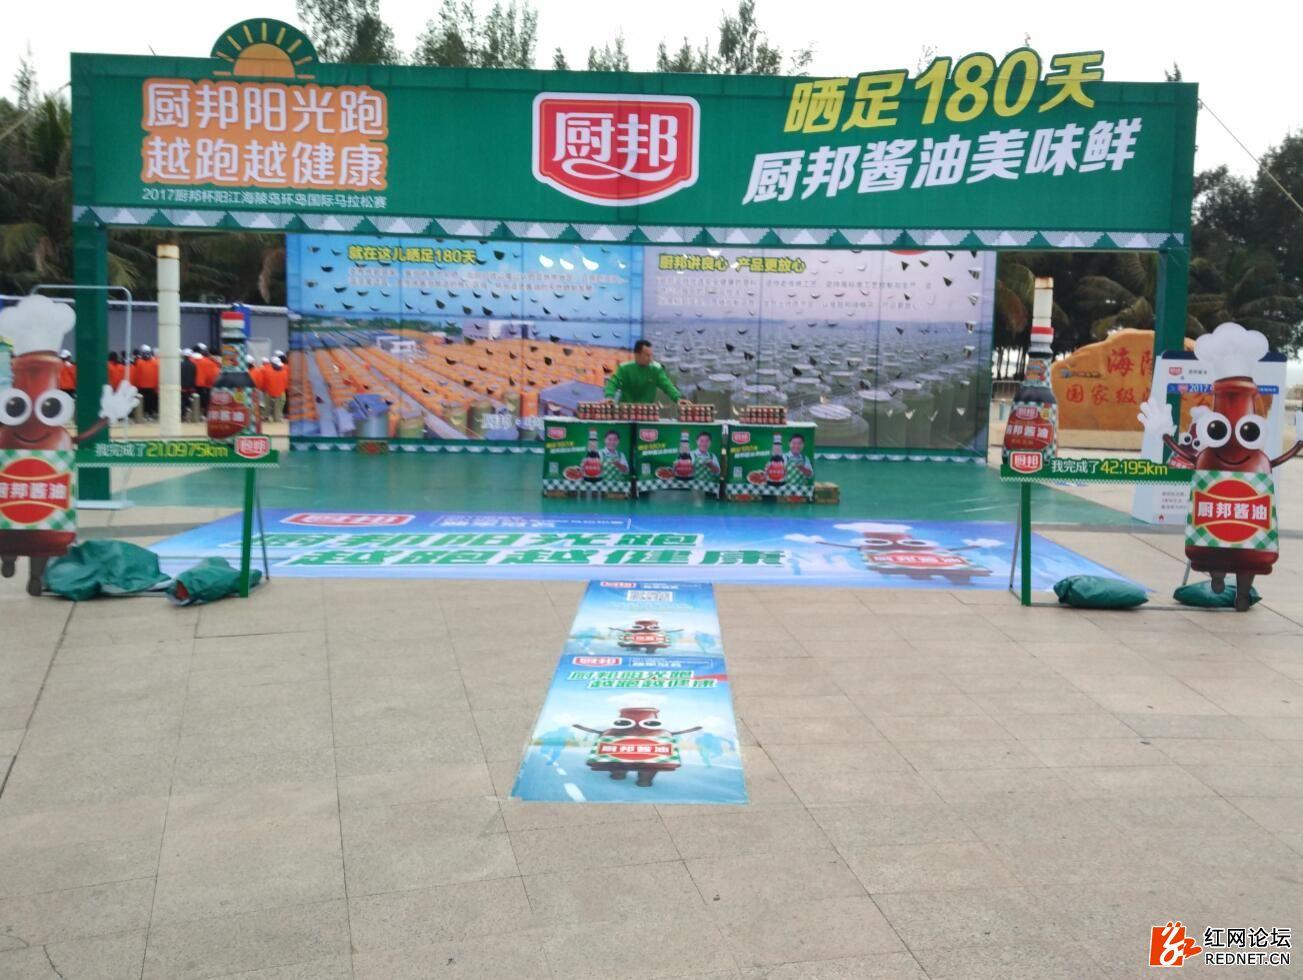 2017厨邦杯阳江海陵岛环岛国际马拉松赛是我参加过最燃的马拉松了